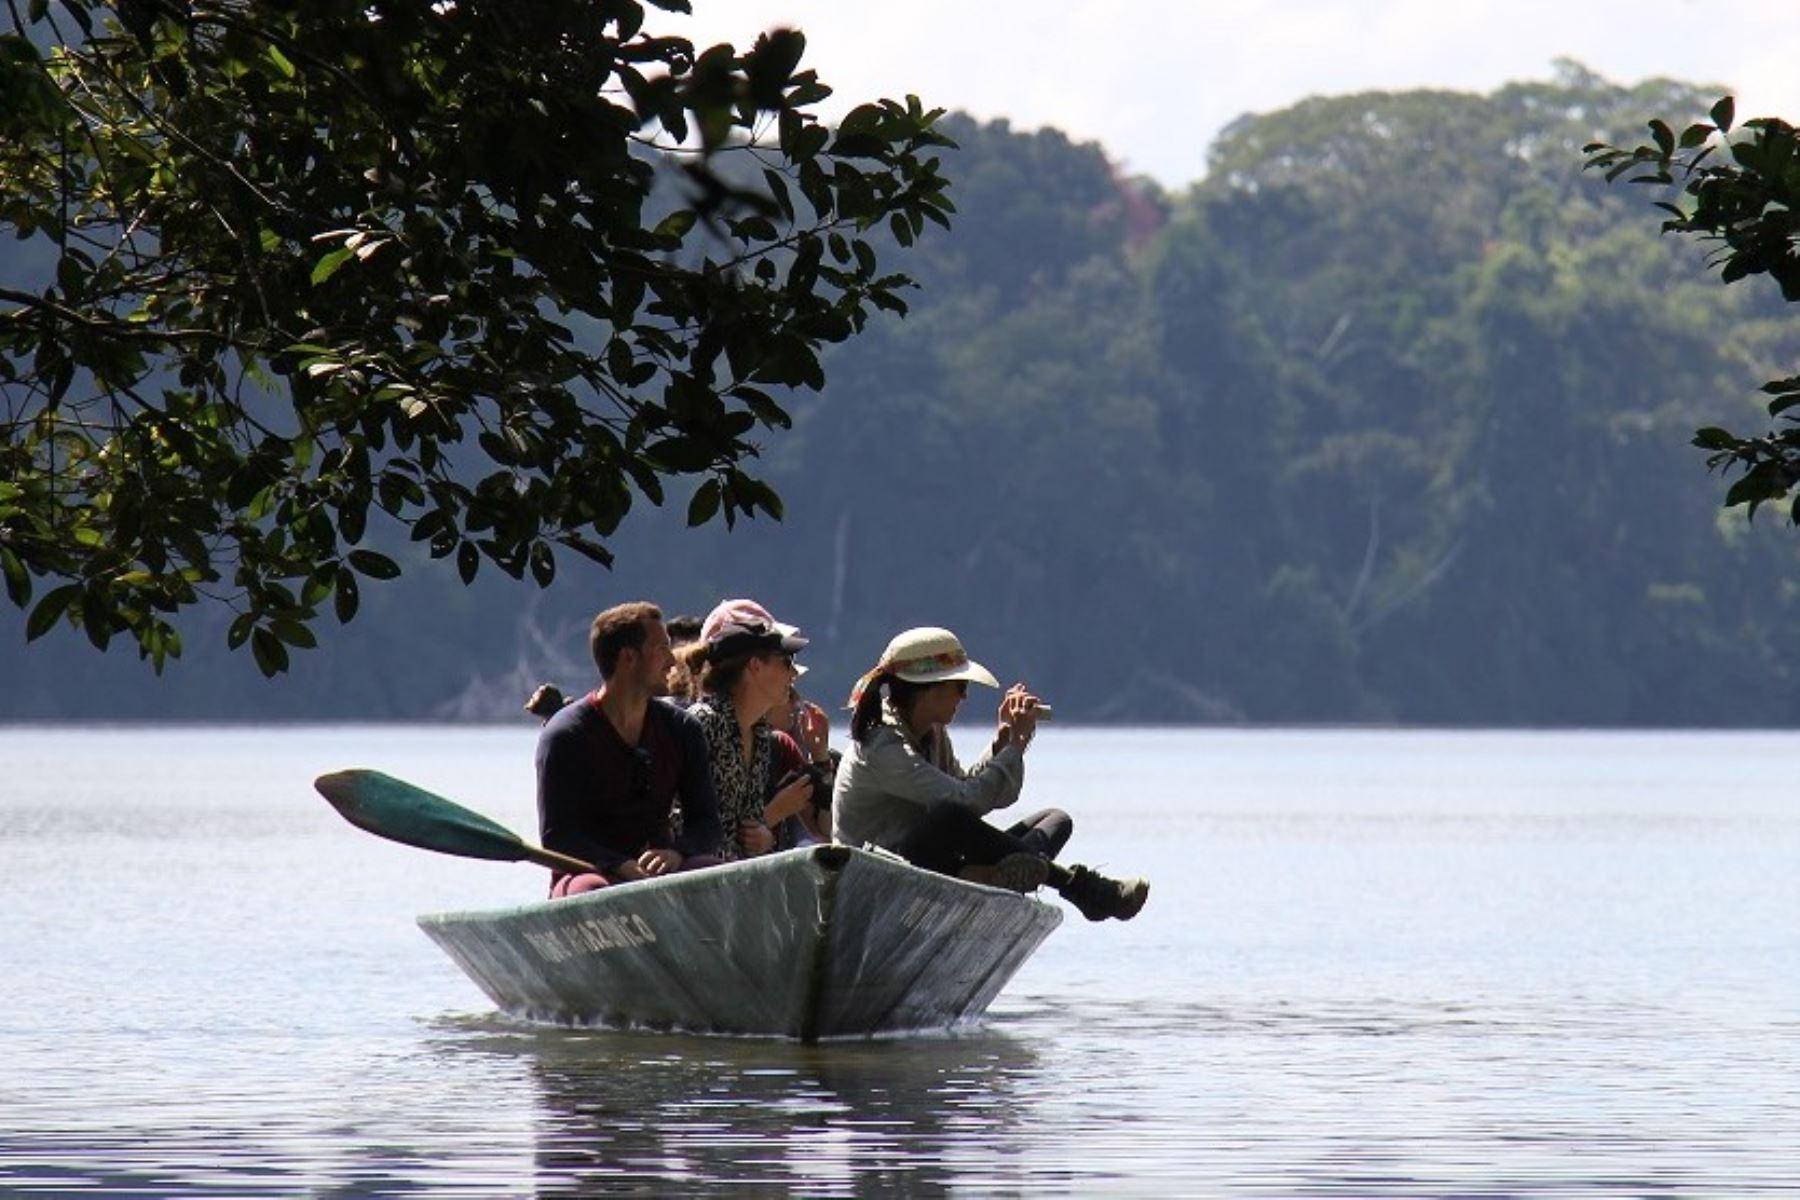 La Reserva Nacional Tambopata, en Madre de Dios, es uno de los destinos favoritos de los turistas.